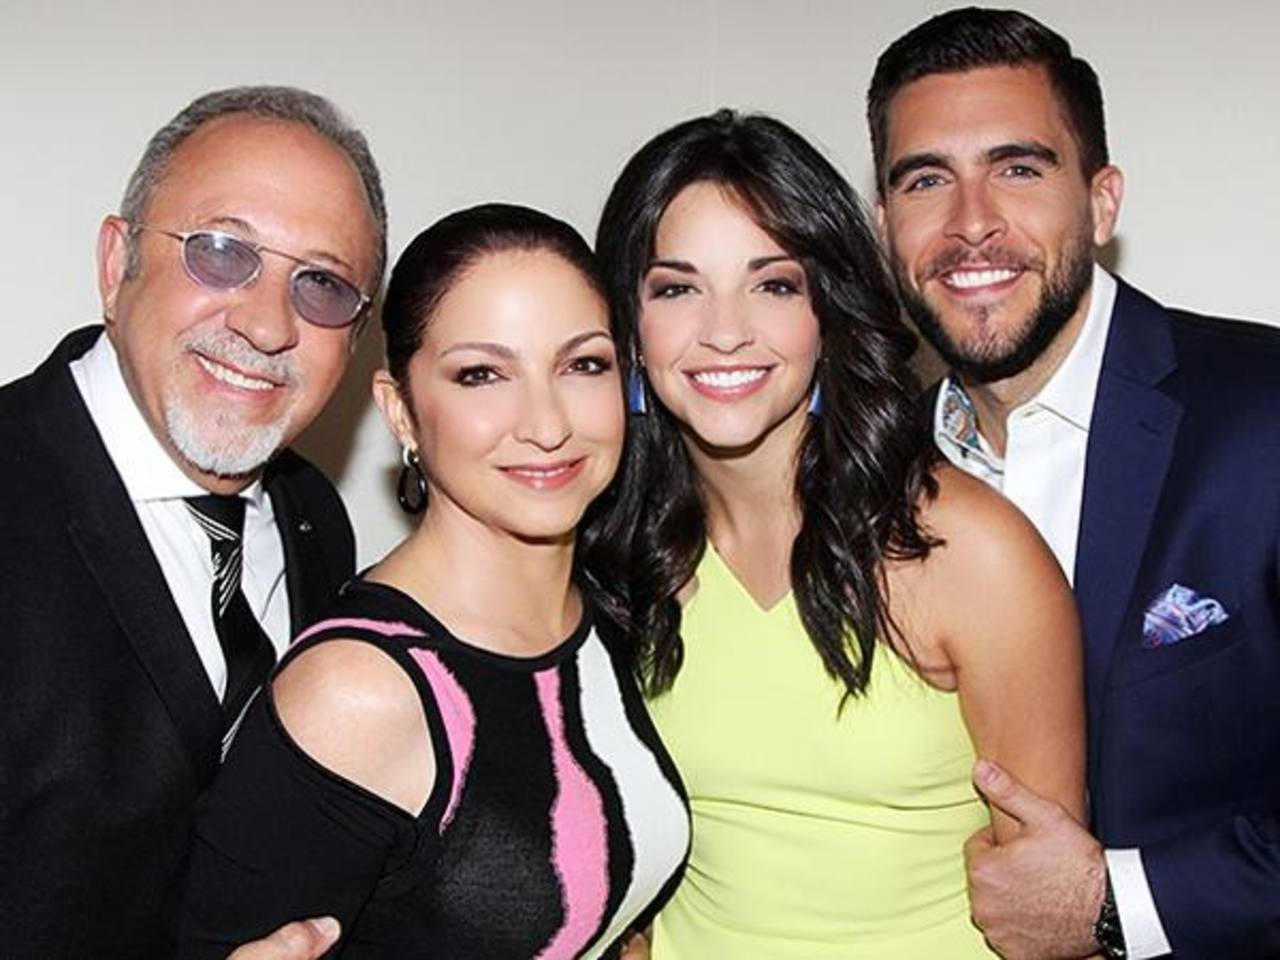 Villafañe junto al matrimonio de músicos Estefan.